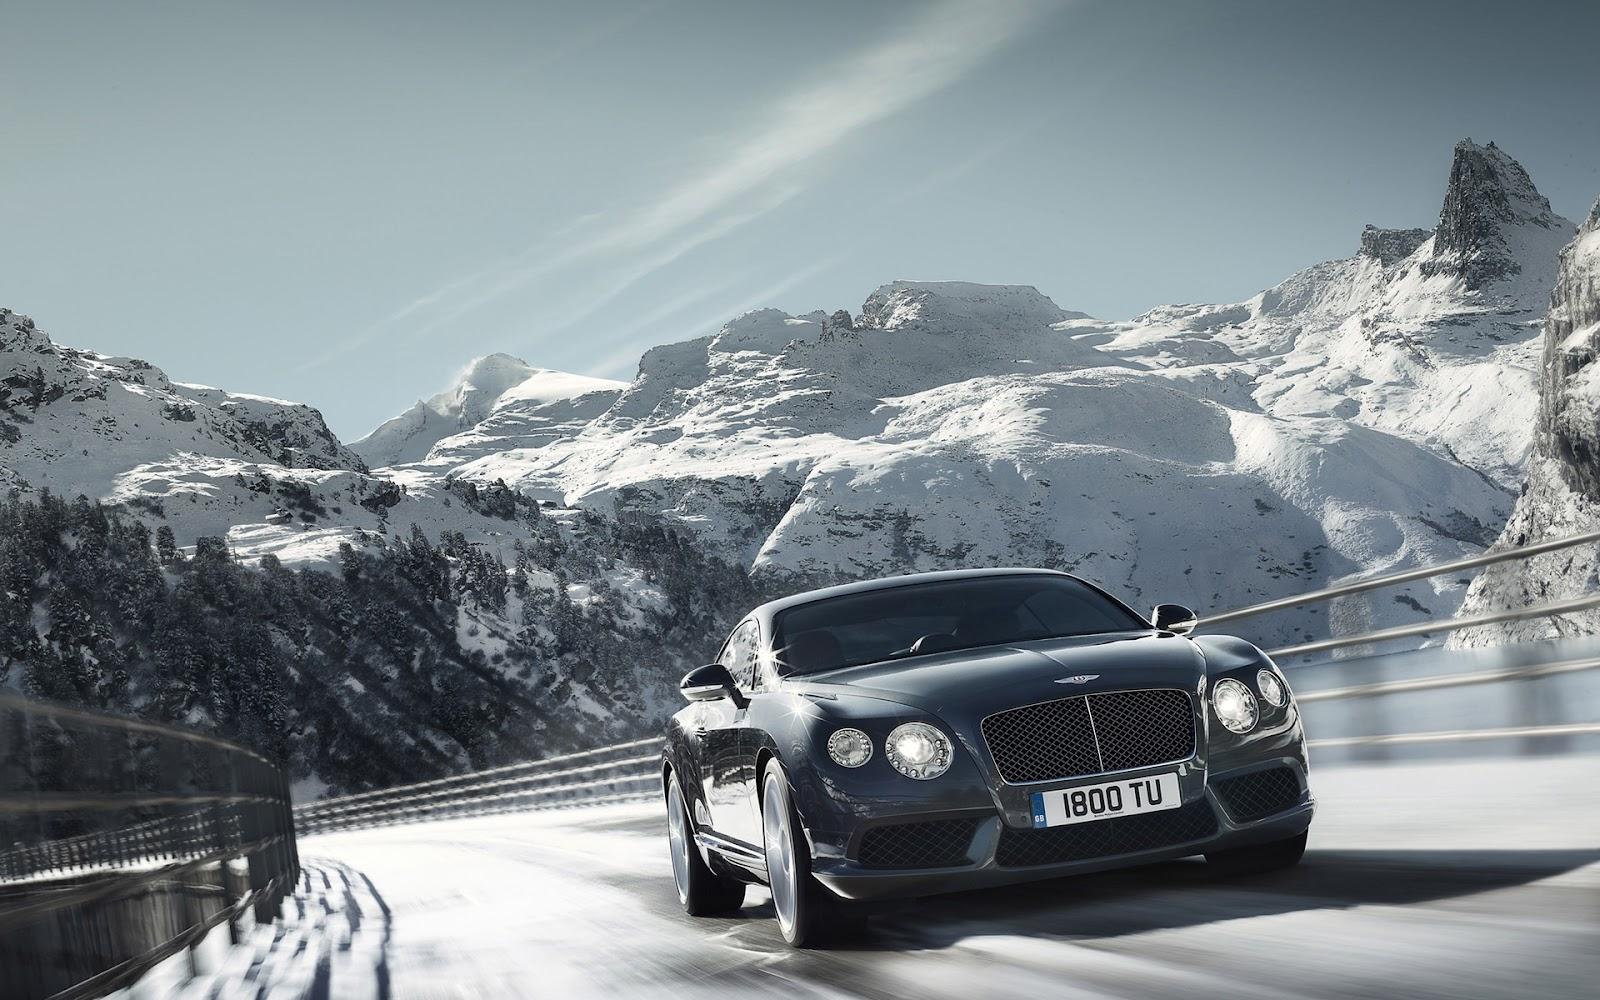 http://3.bp.blogspot.com/-Bxc2lhBF9_c/T6Ra4gdI8_I/AAAAAAAAb0g/FQC1pSF-tpo/s1600/Bentley-Continental-GT-V8-2012.jpg